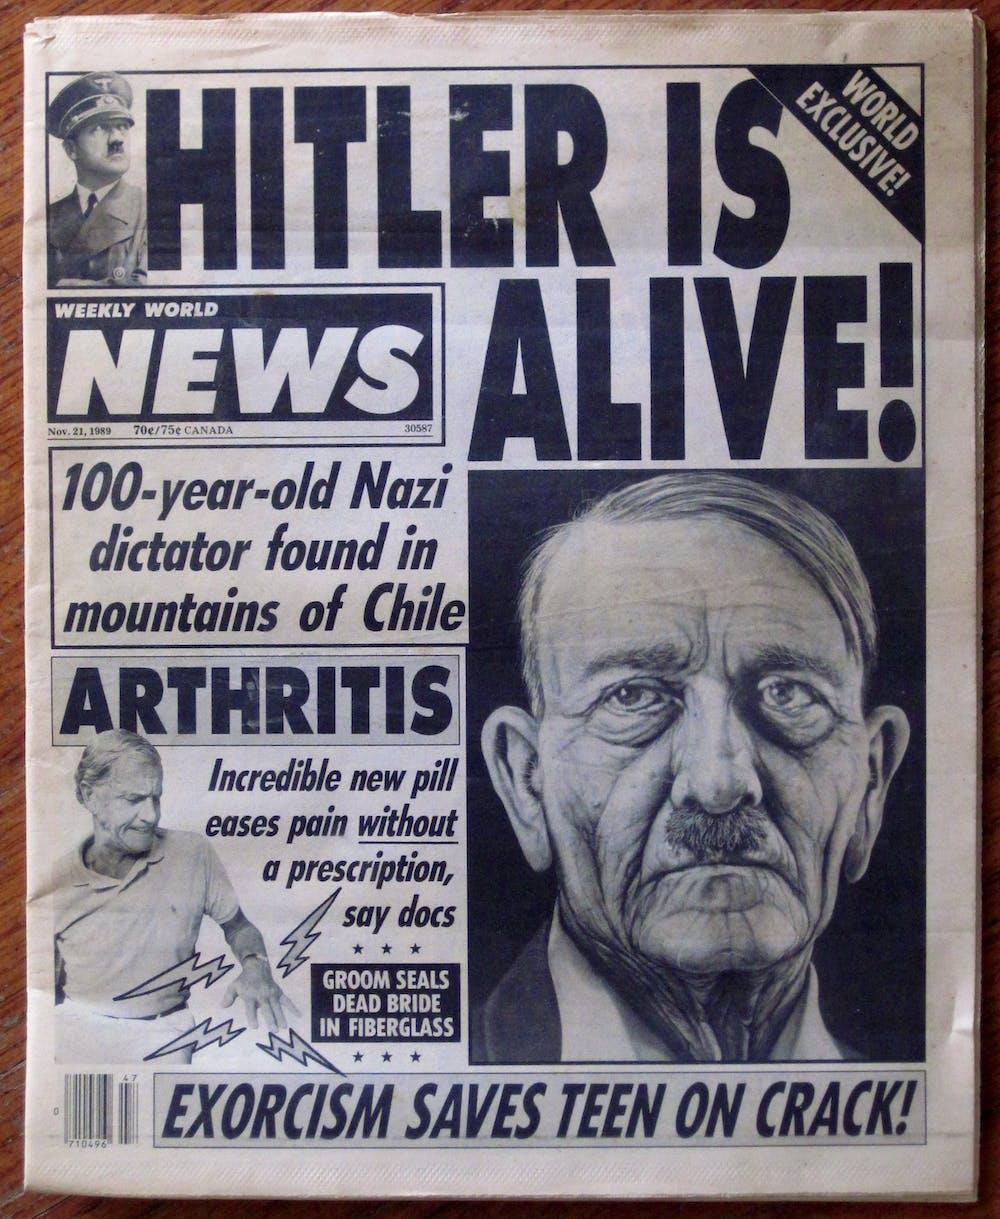 Was Hitler alive?